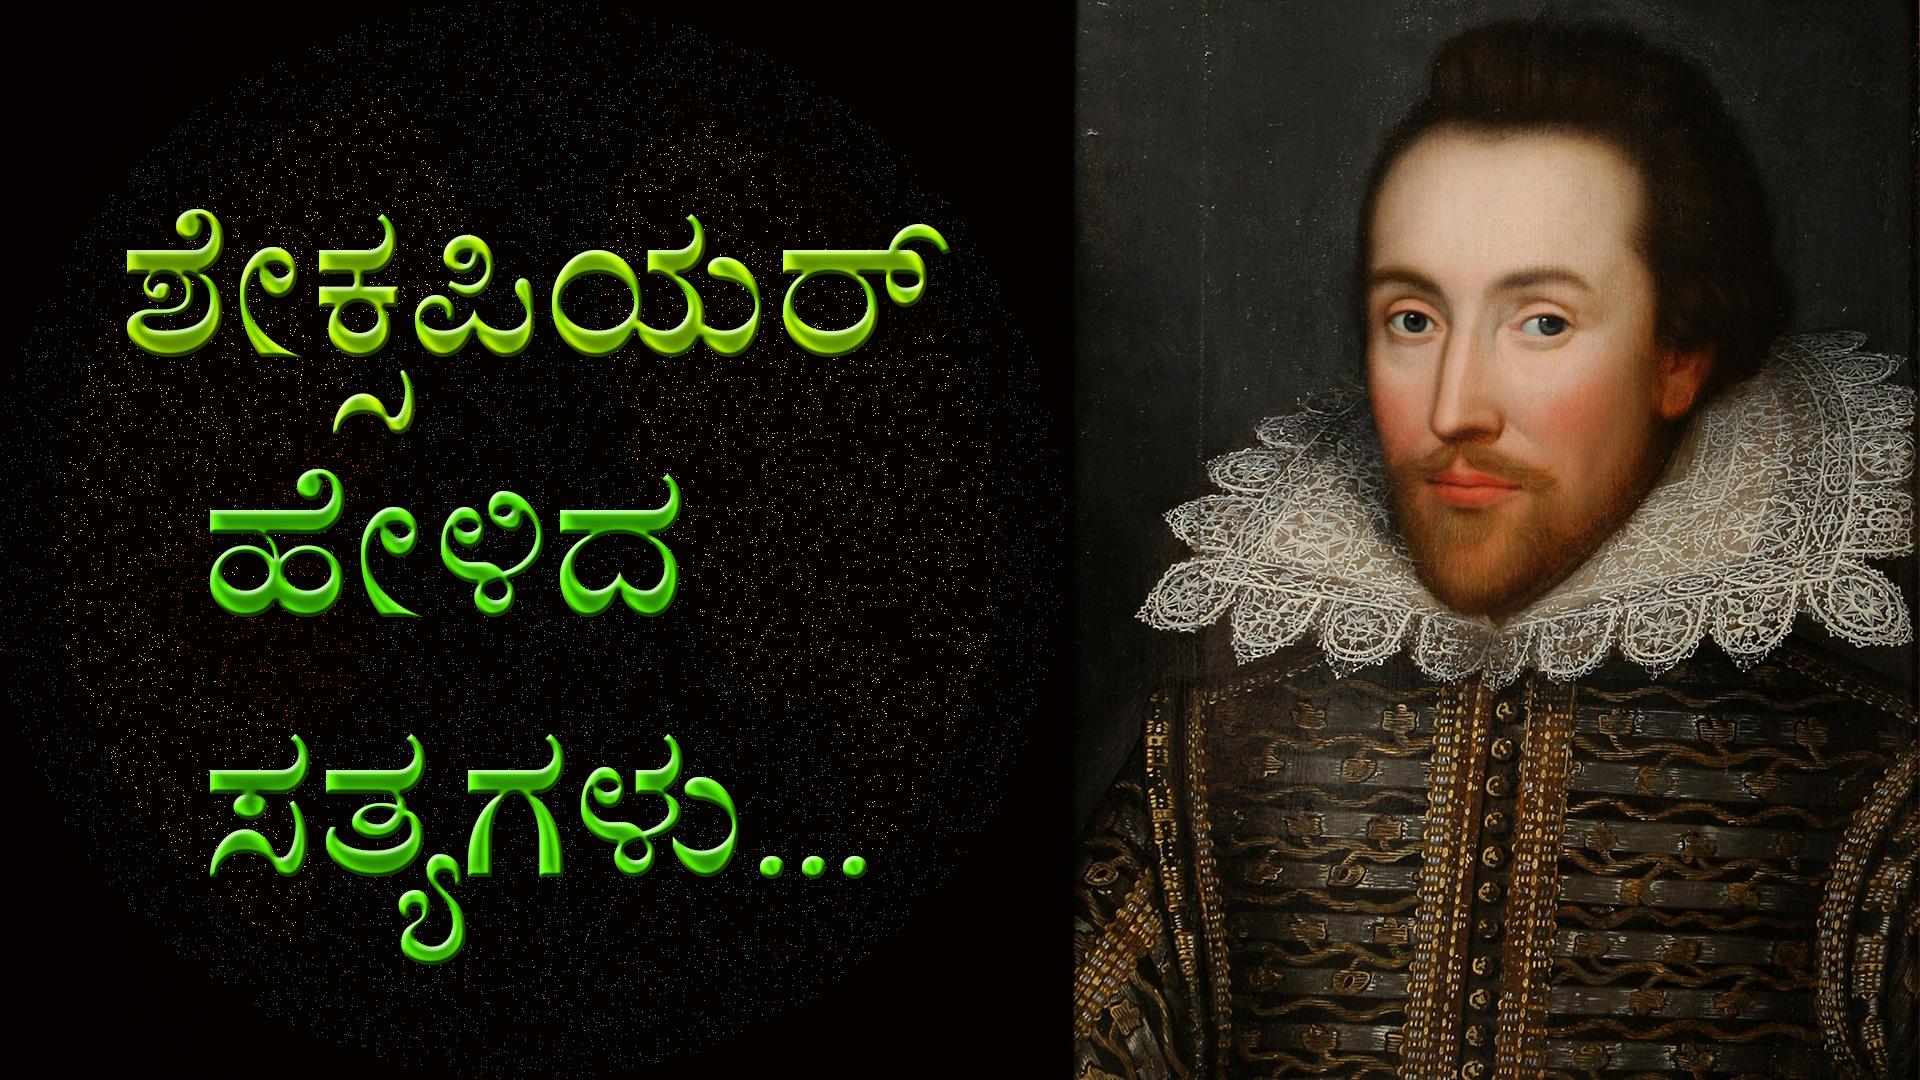 ಶೇಕ್ಸಪಿಯರ್ ಹೇಳಿದ ಸತ್ಯಗಳು - Best Quotes of William Shakespeare in Kannada